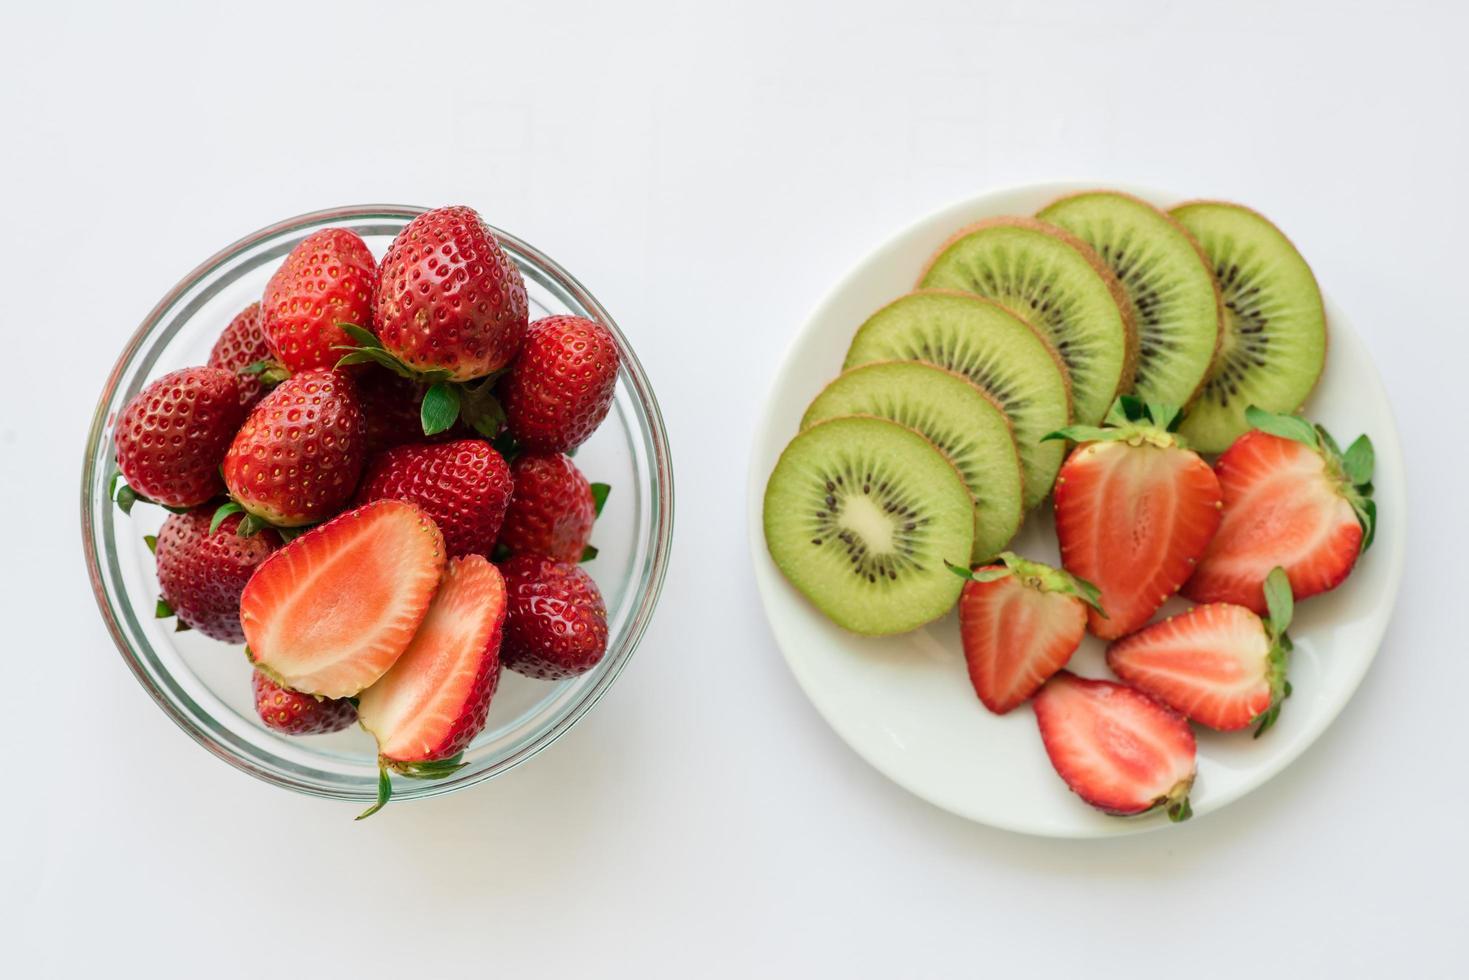 eine Vielzahl von frischem Obst foto